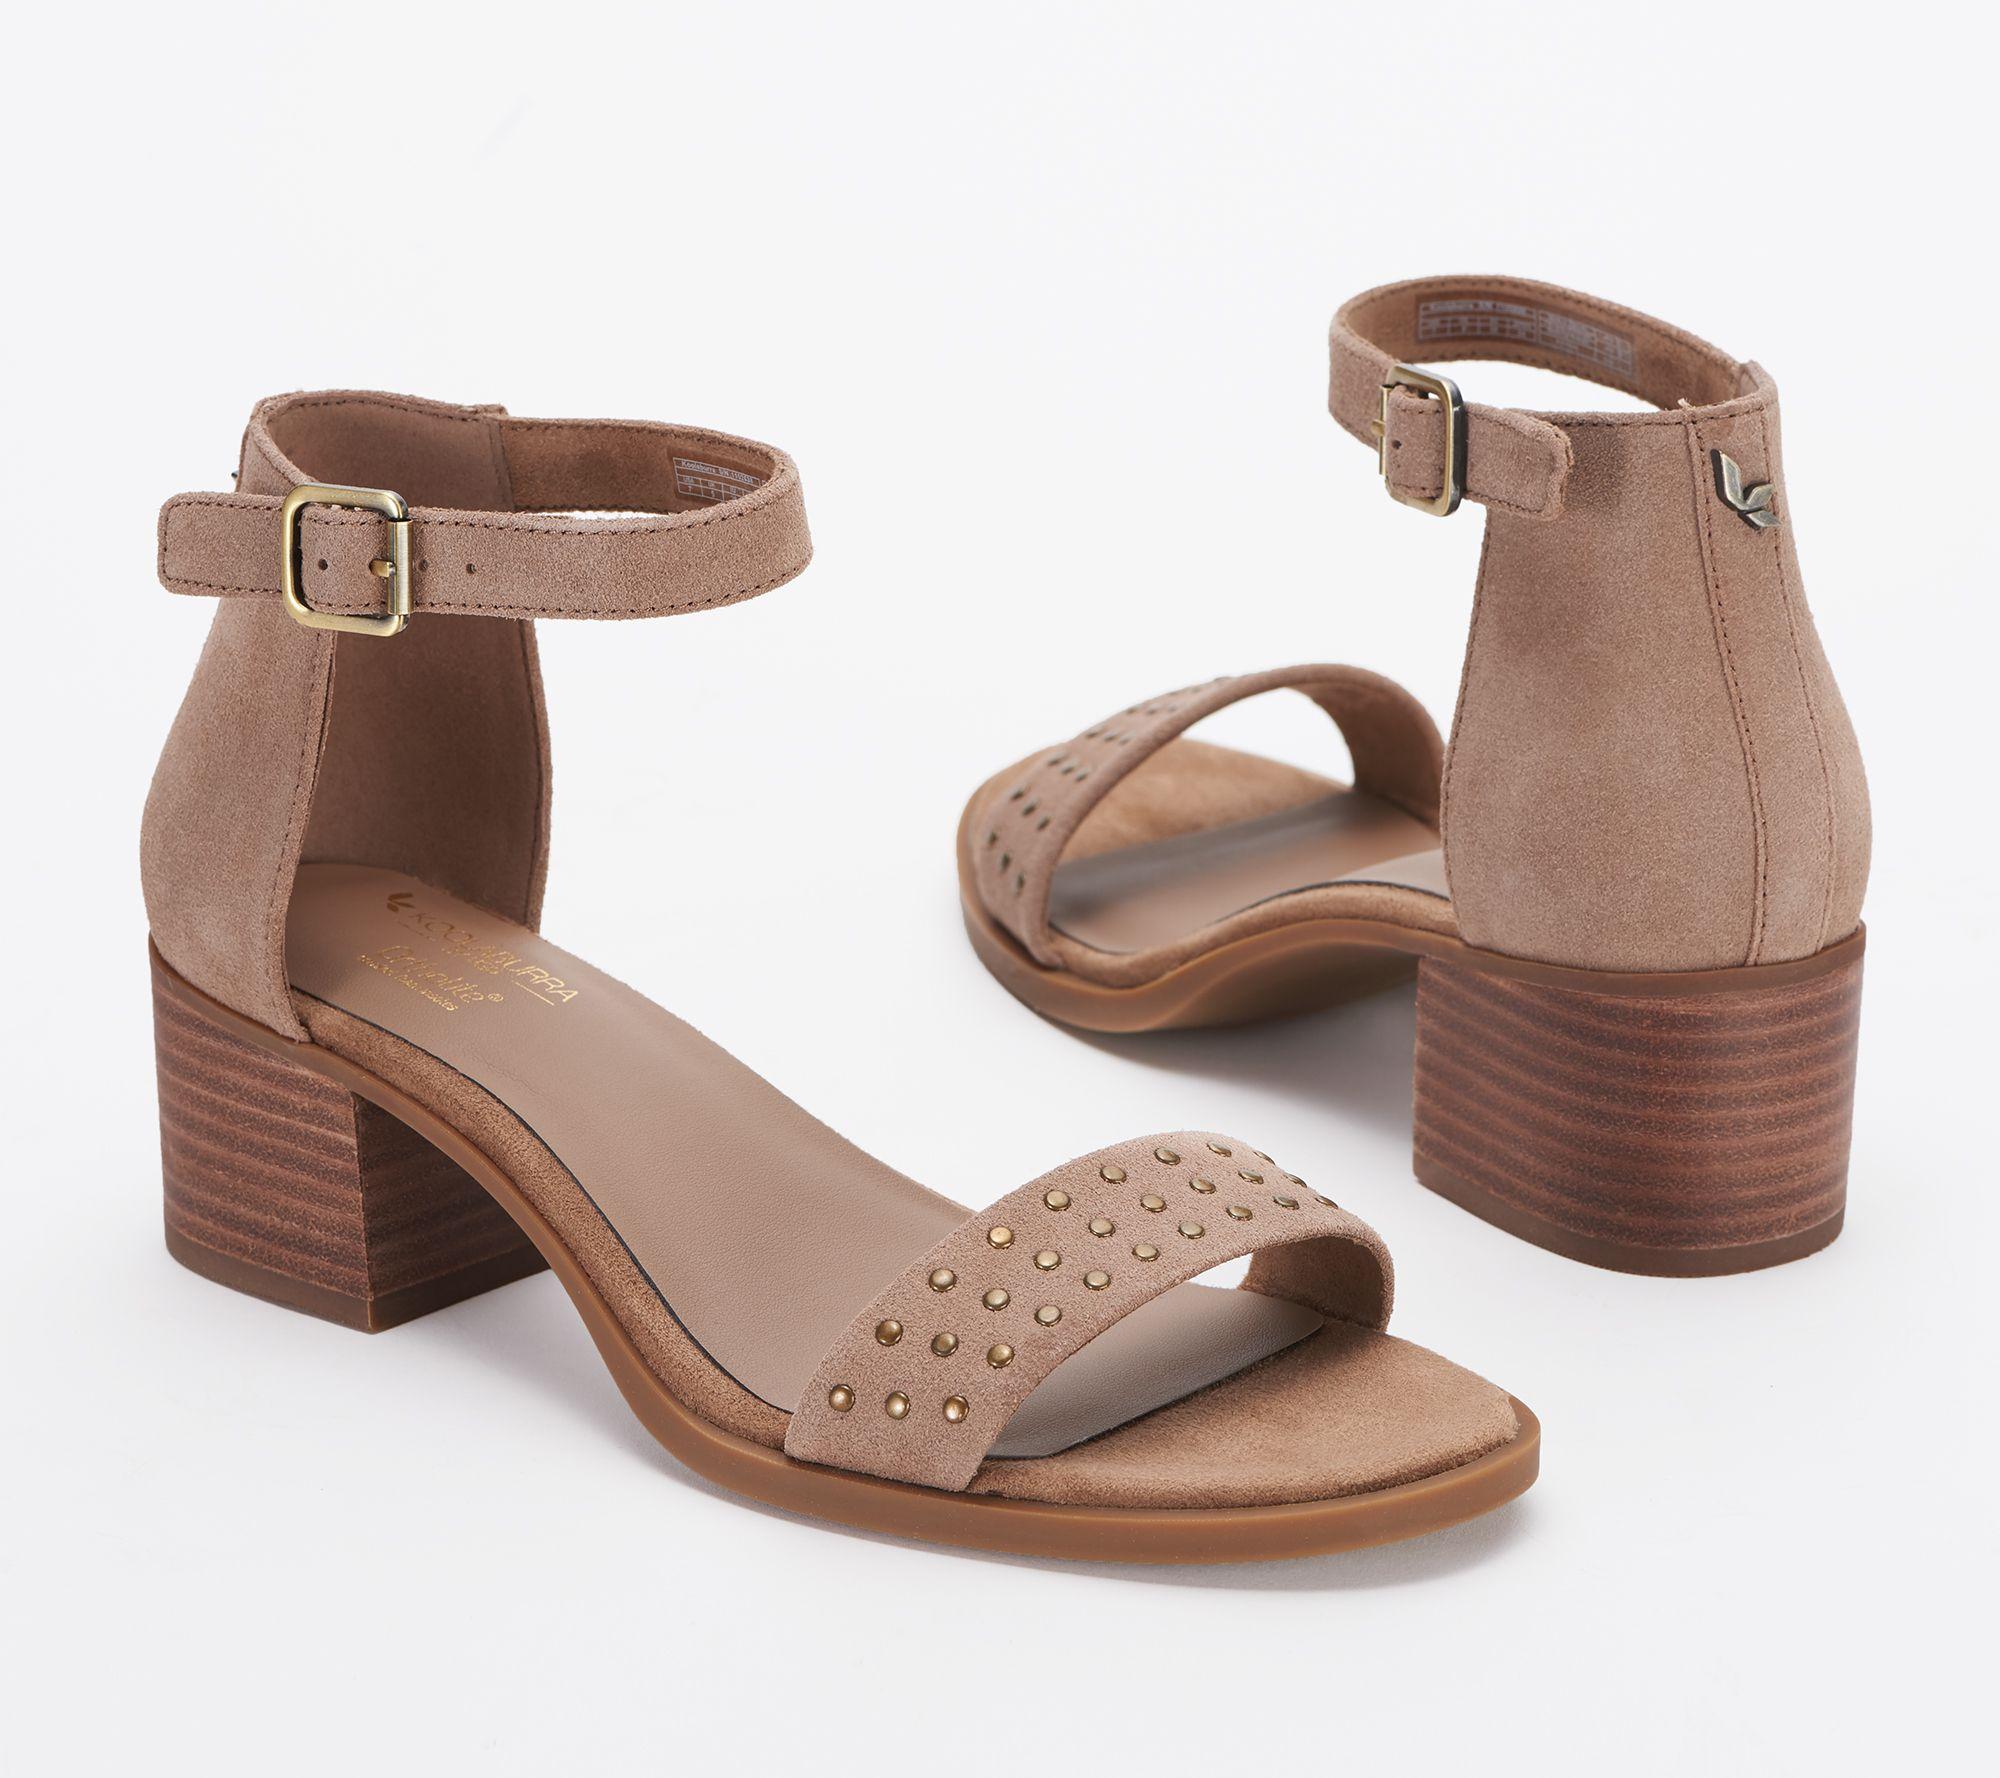 be505a75fd11 Koolaburra Studded Leather Sandals - Bellen - Page 1 — QVC.com